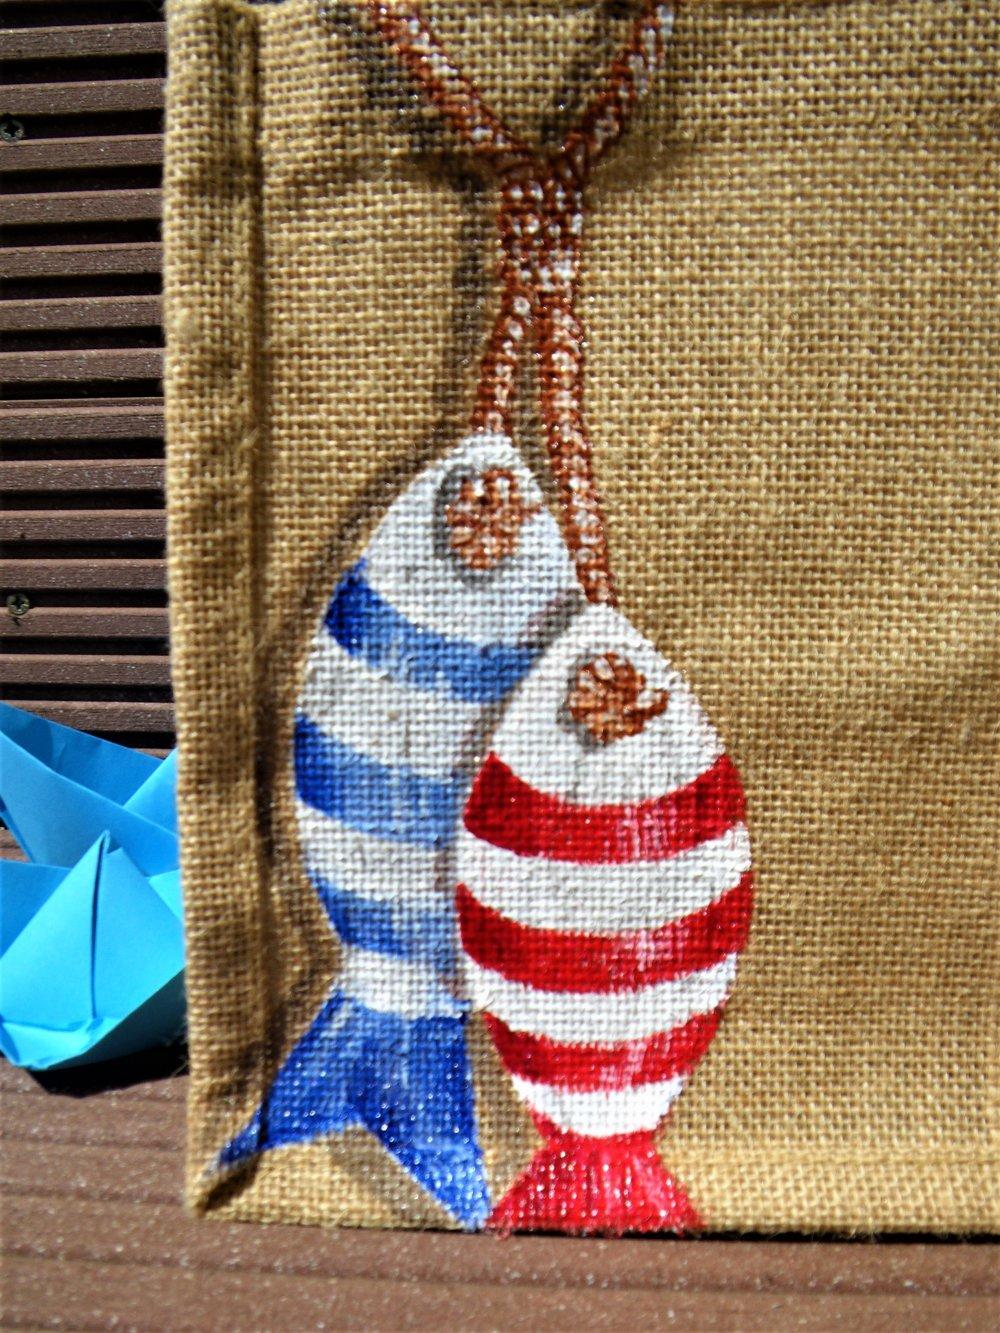 Petit sac en jute avec poissons peints